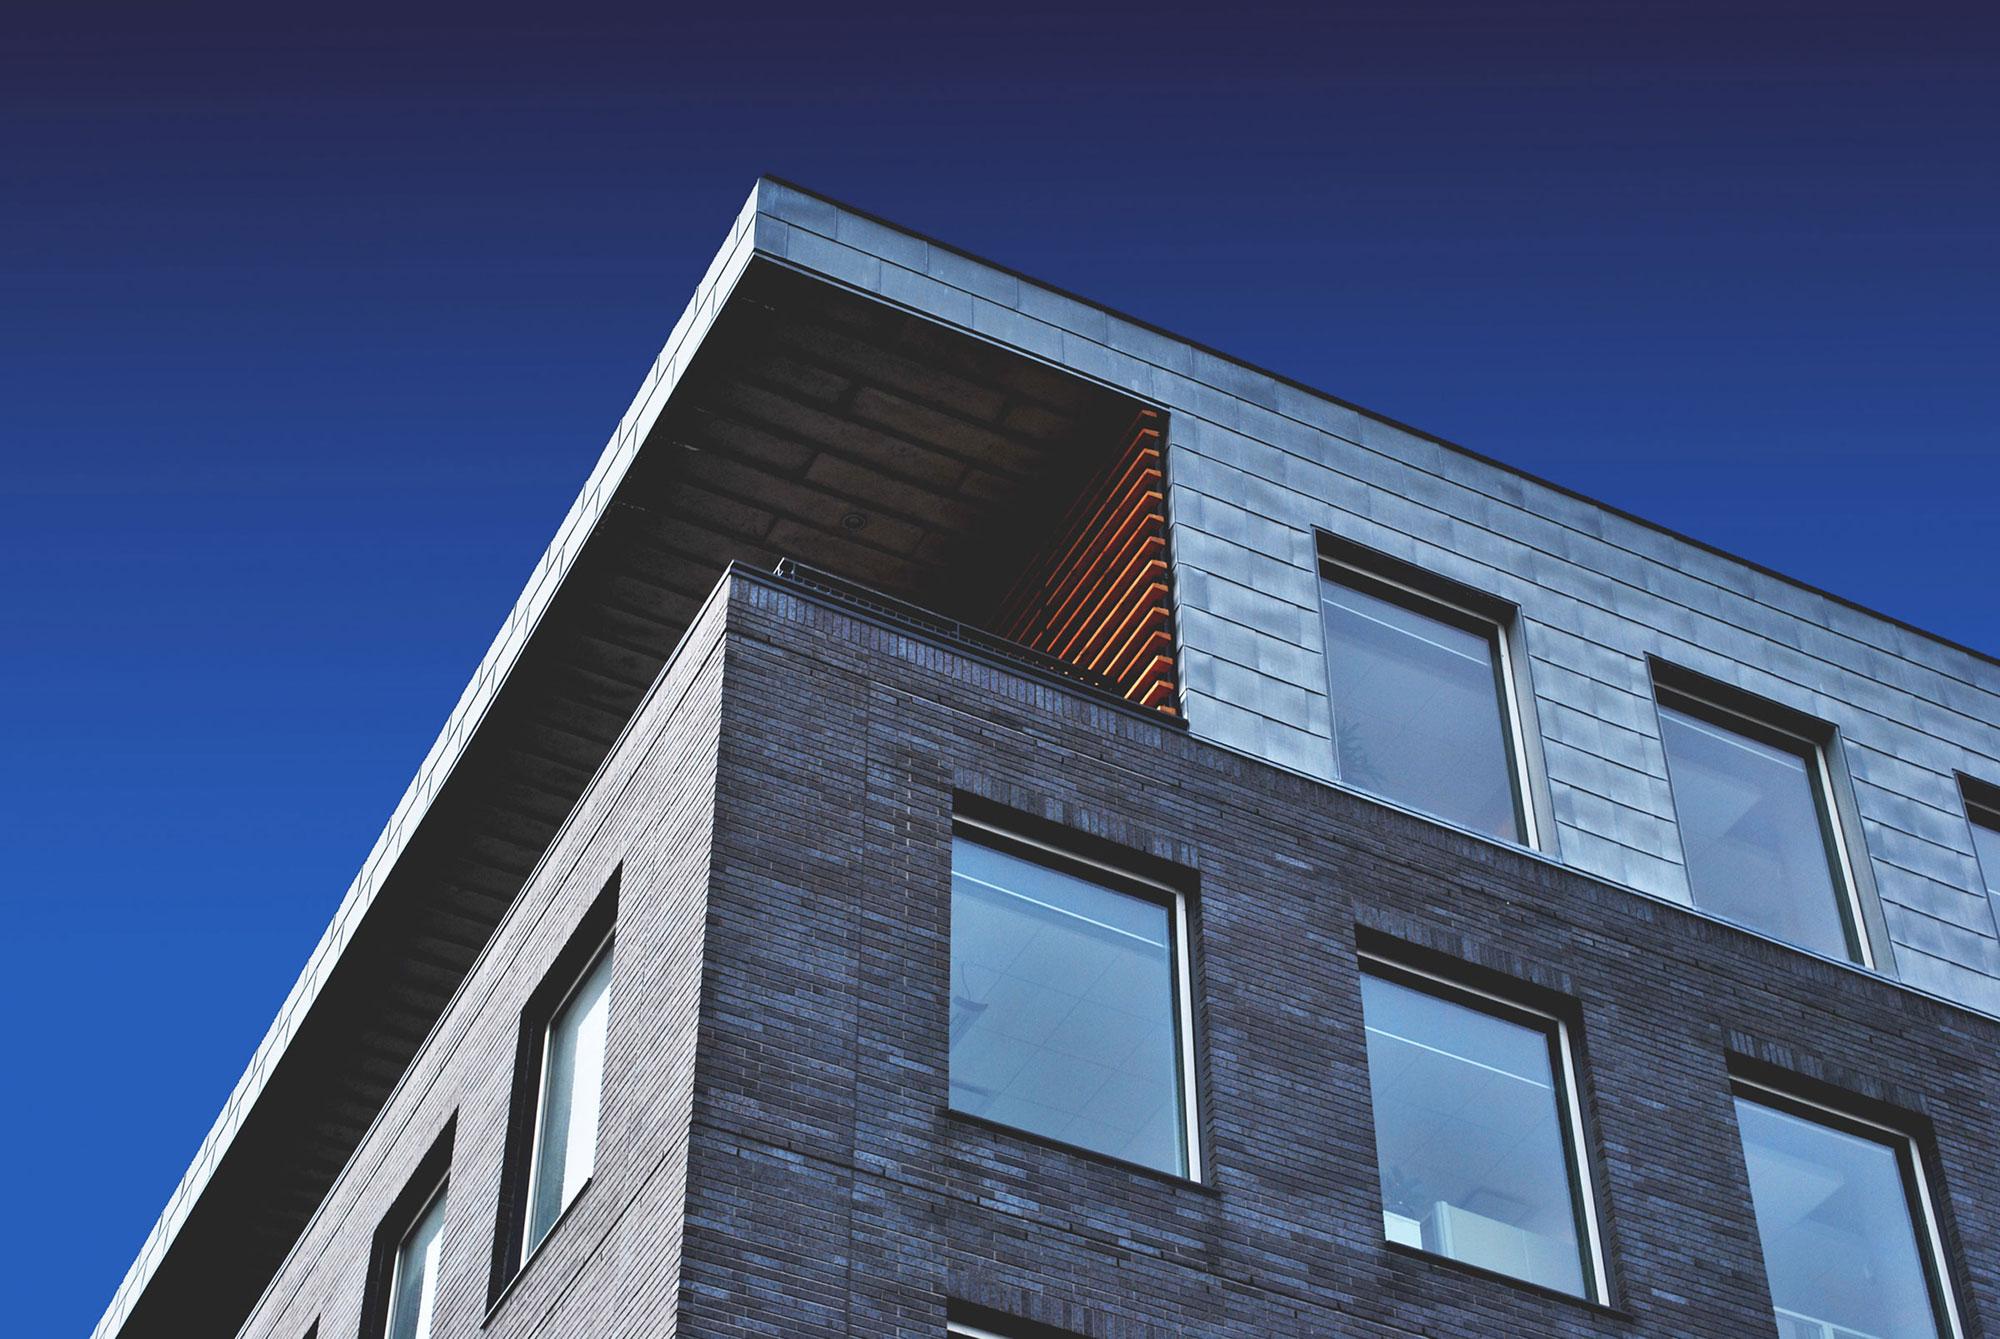 architectuur-portfolio-(8)a